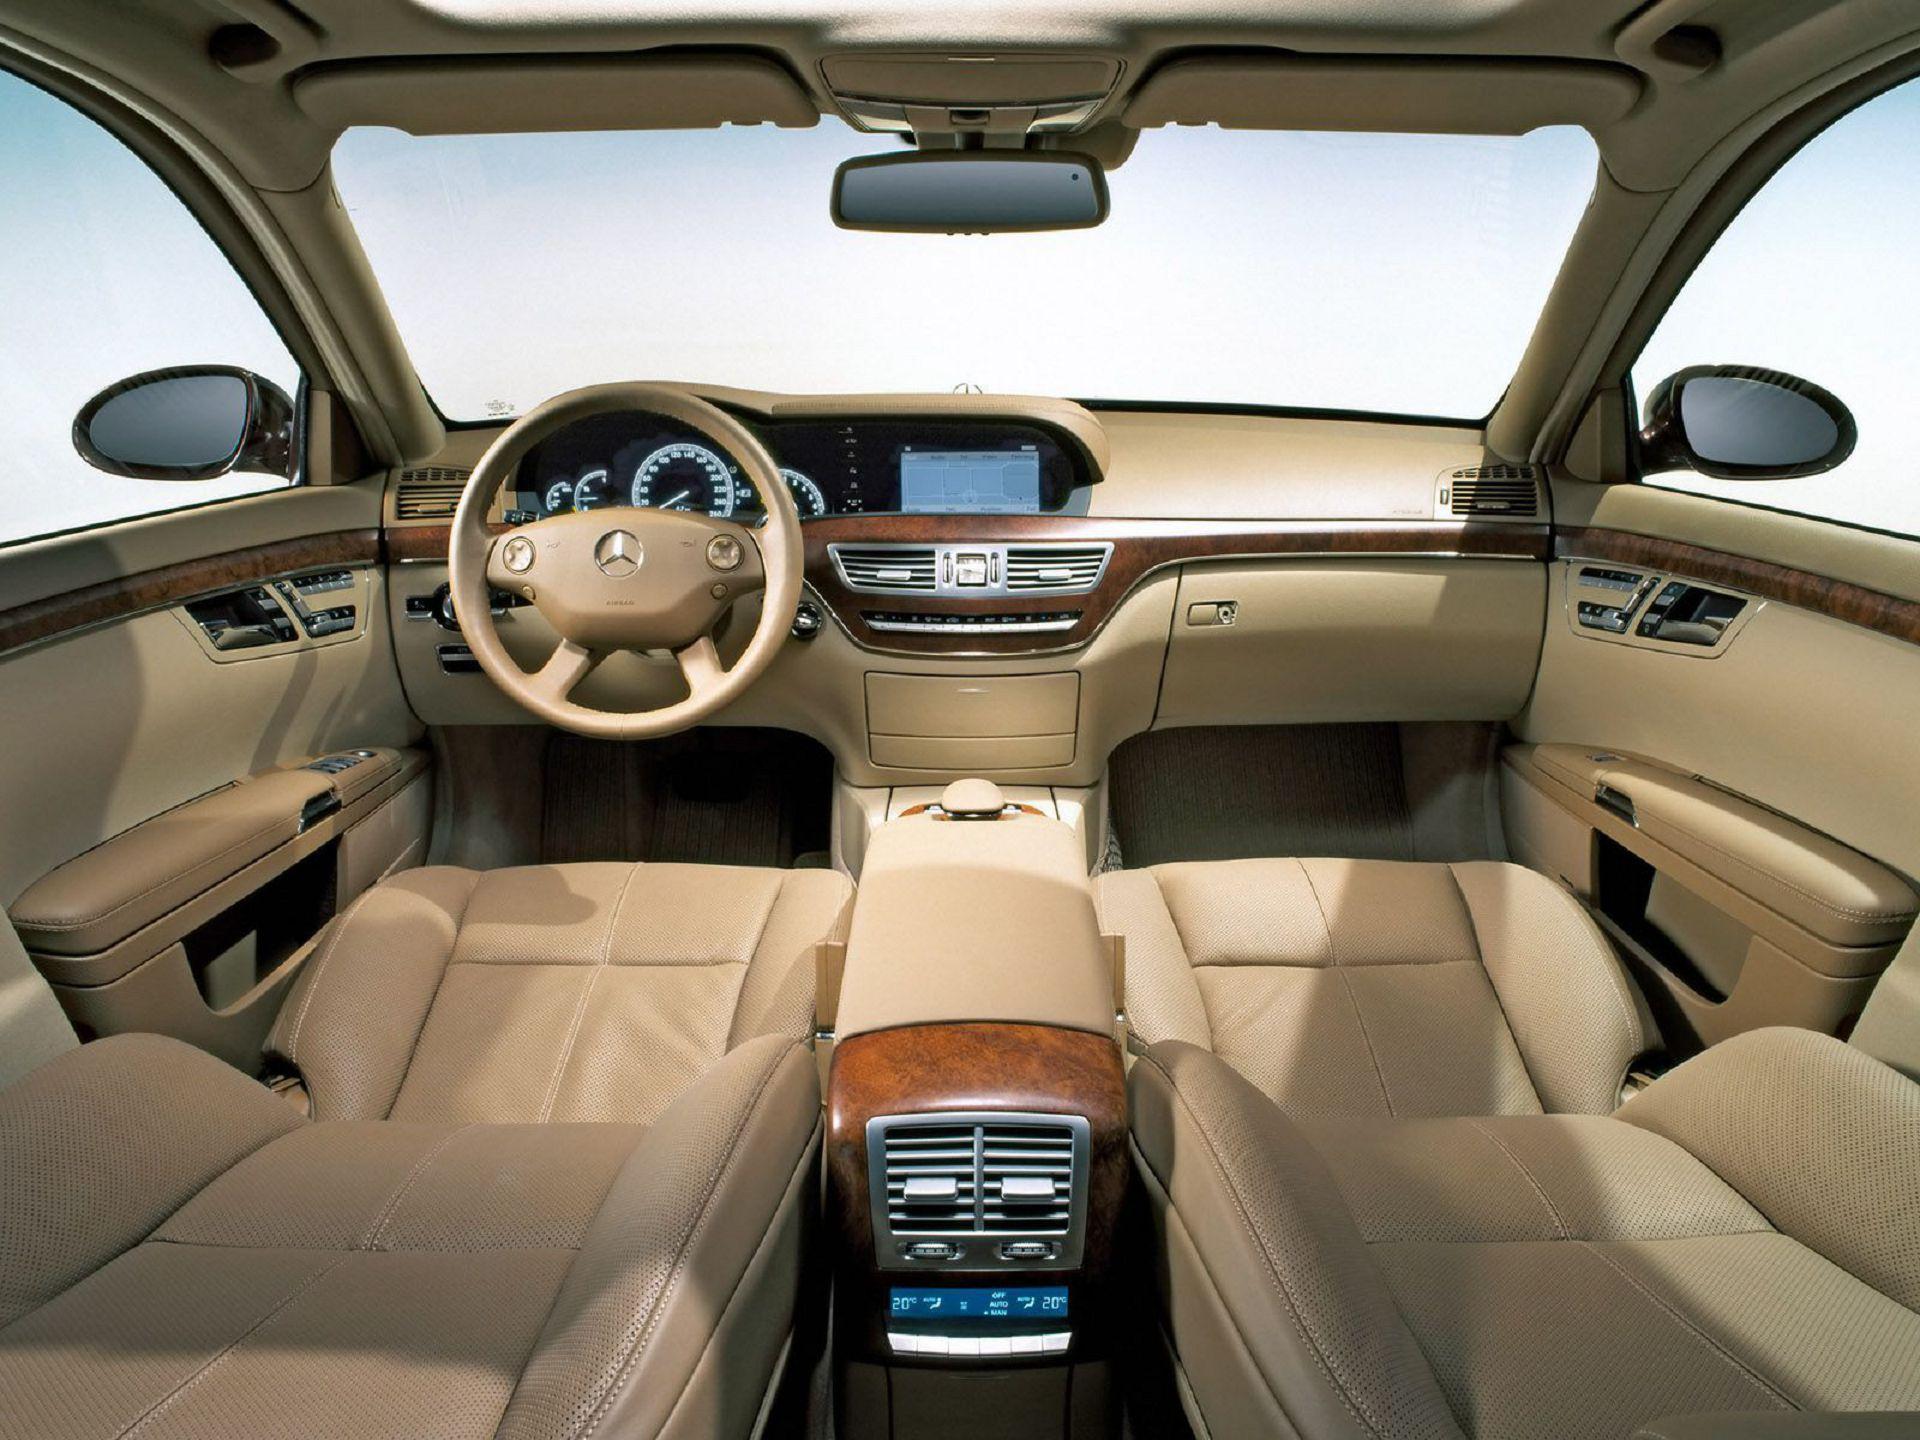 Mercedes Benz S Class Widescreen